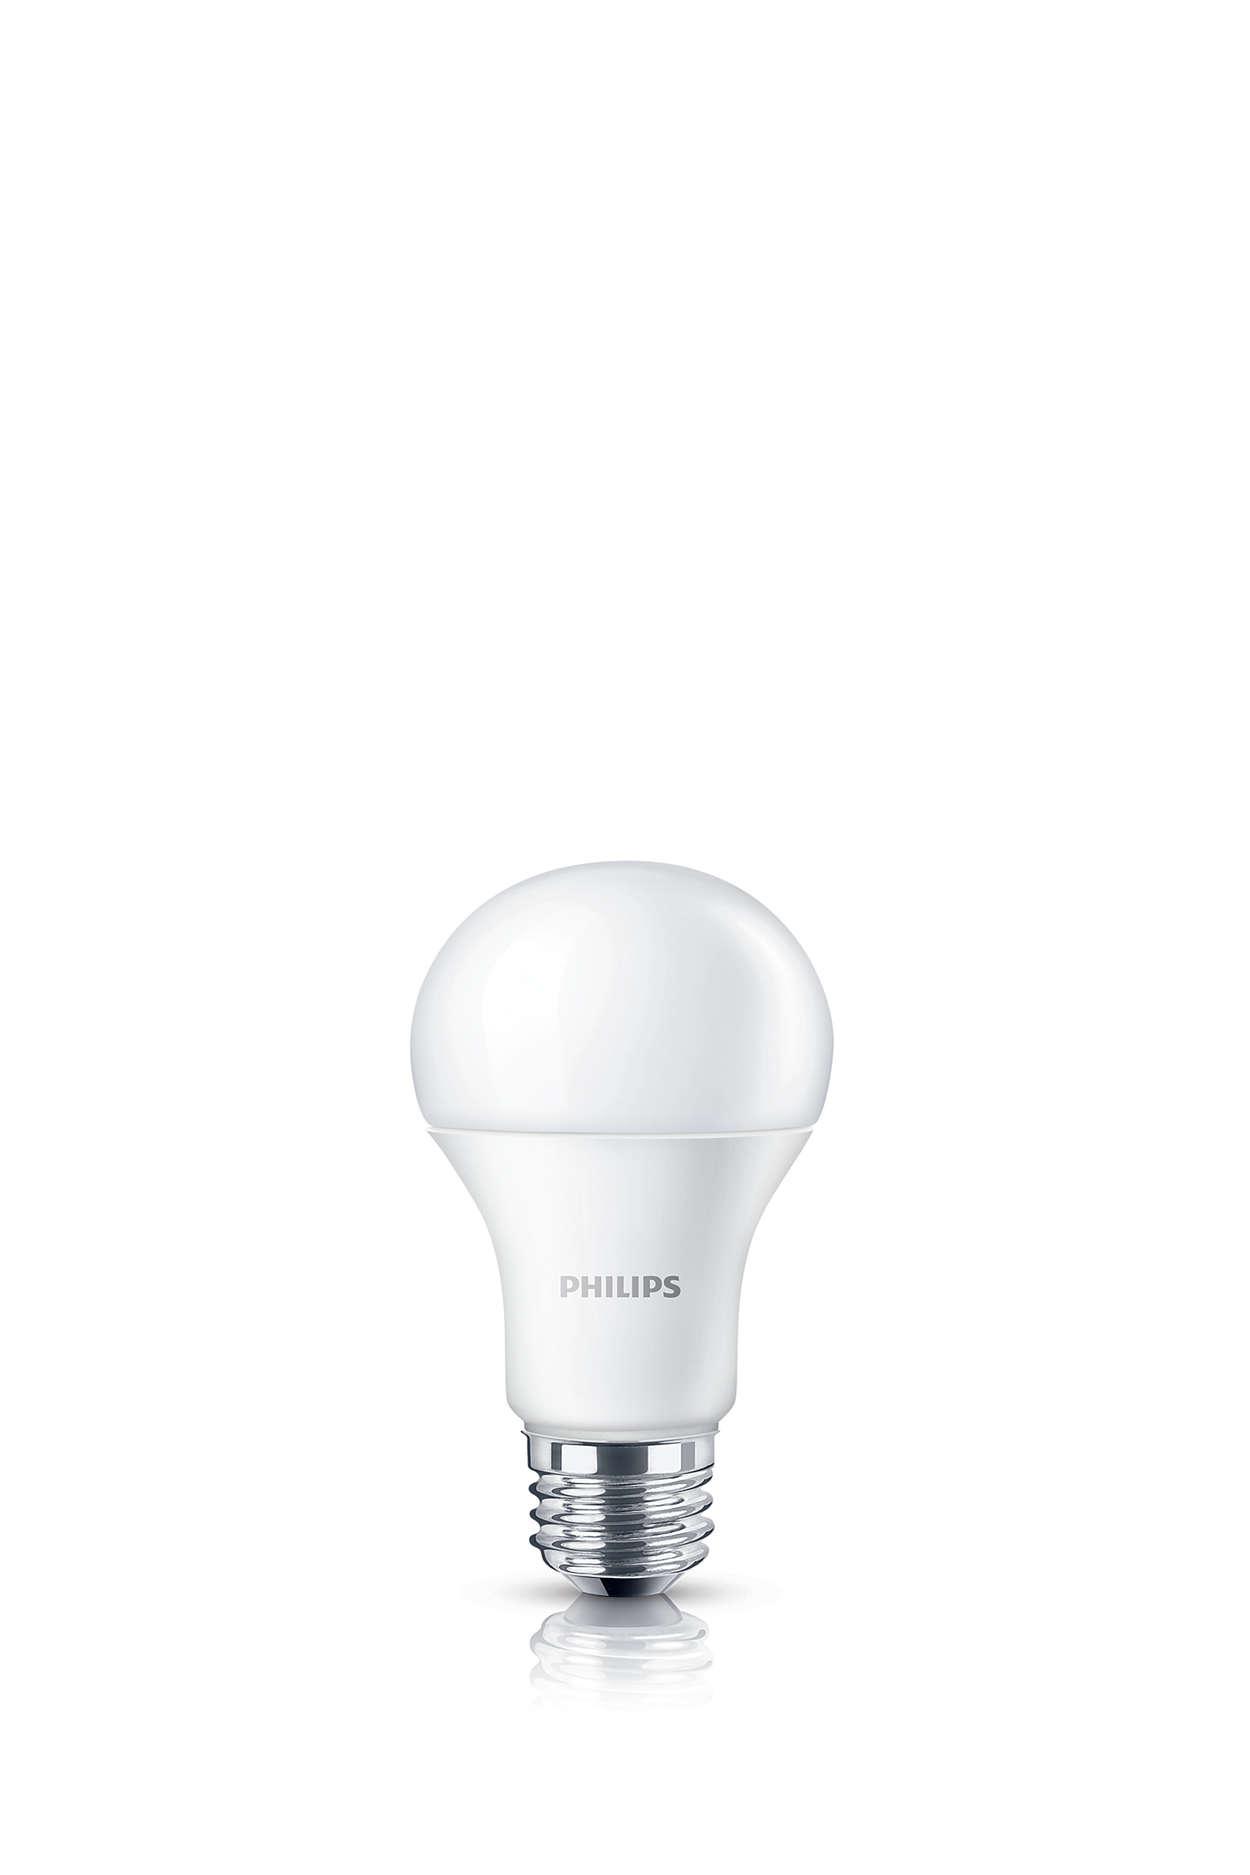 Utformad för perfekt ljuskvalitet